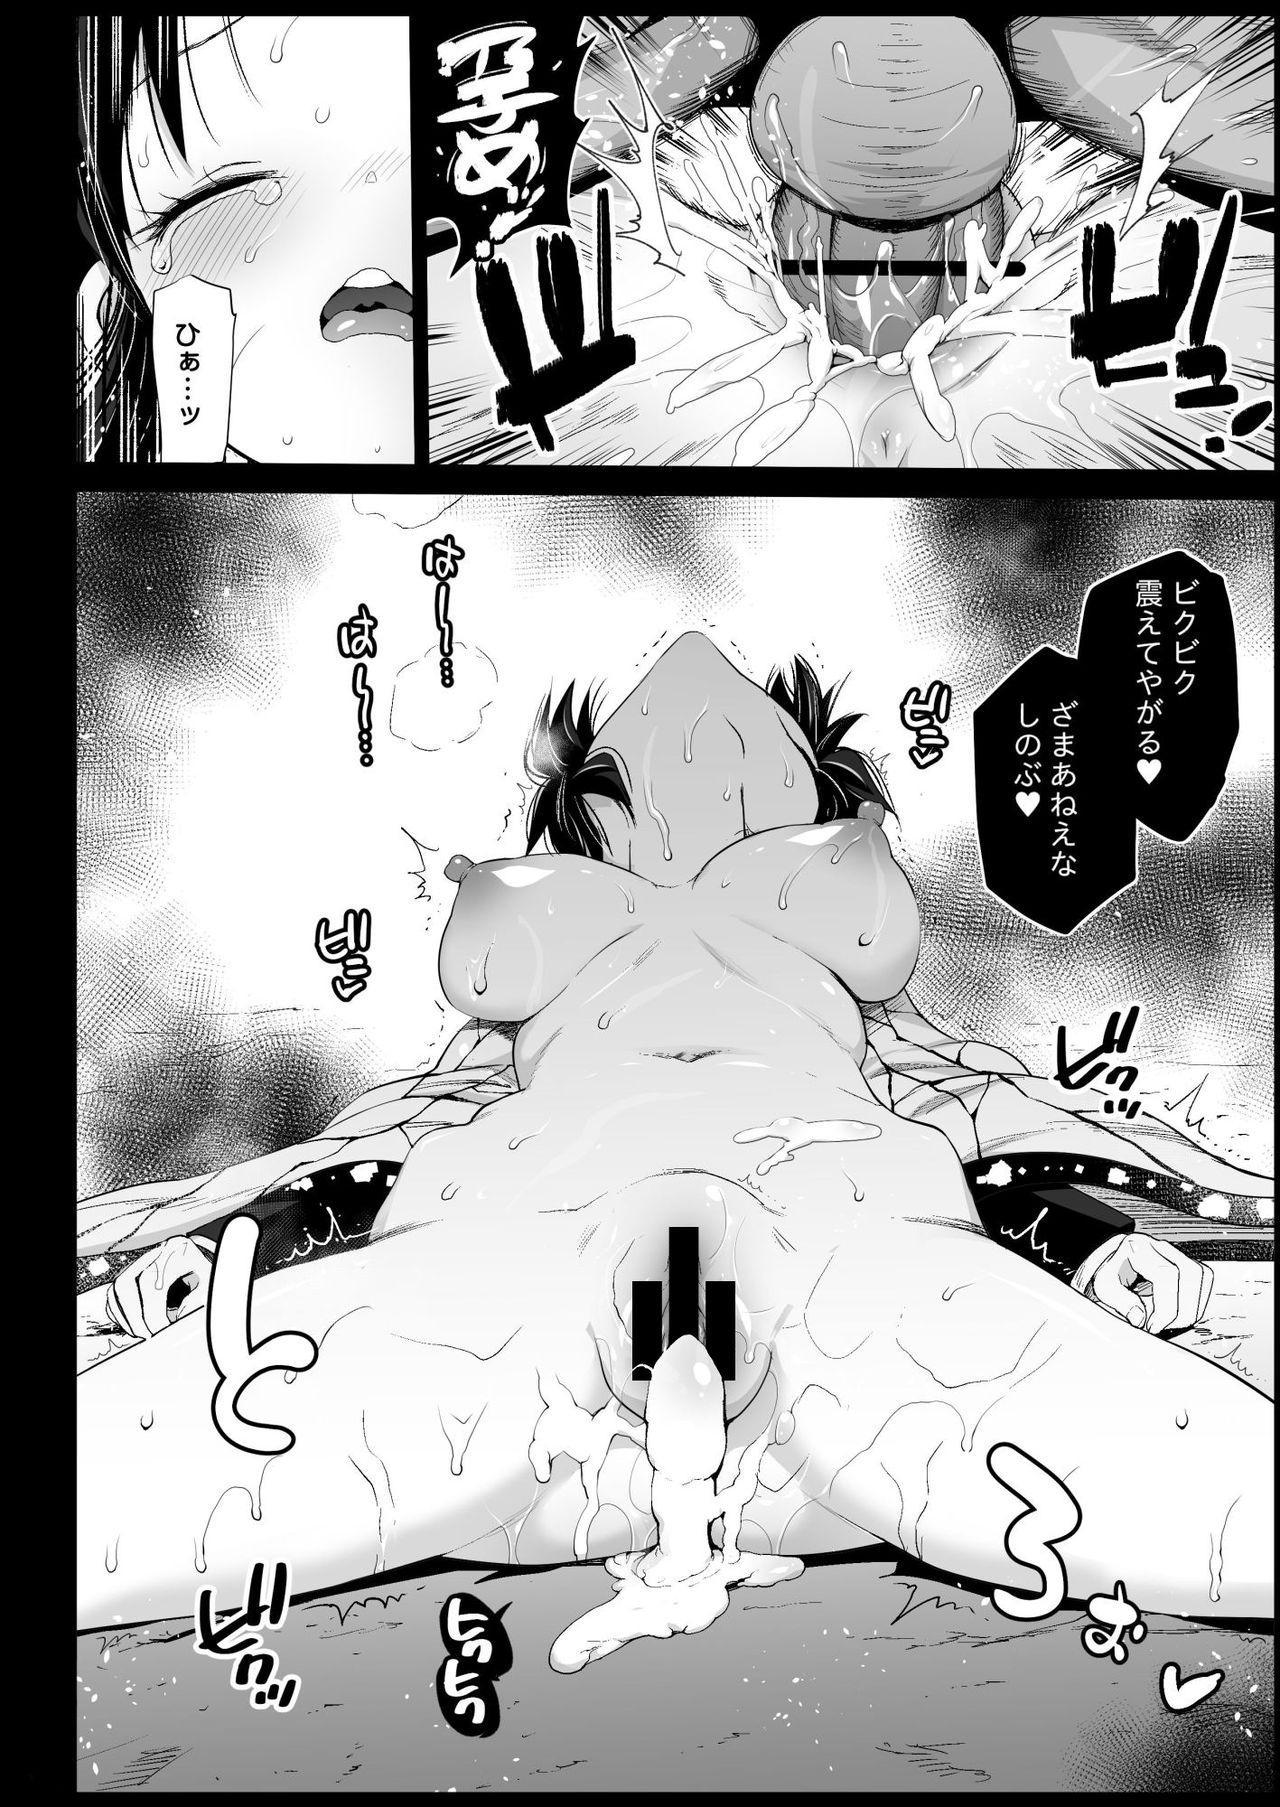 [Eromazun (Ma-kurou)] Kochou Shinobu Kan ~Neteiru Aida ni Ossan Oni ni Okasareru~ - RAPE OF DEMON SLAYER 2 (Kimetsu no Yaiba) 13